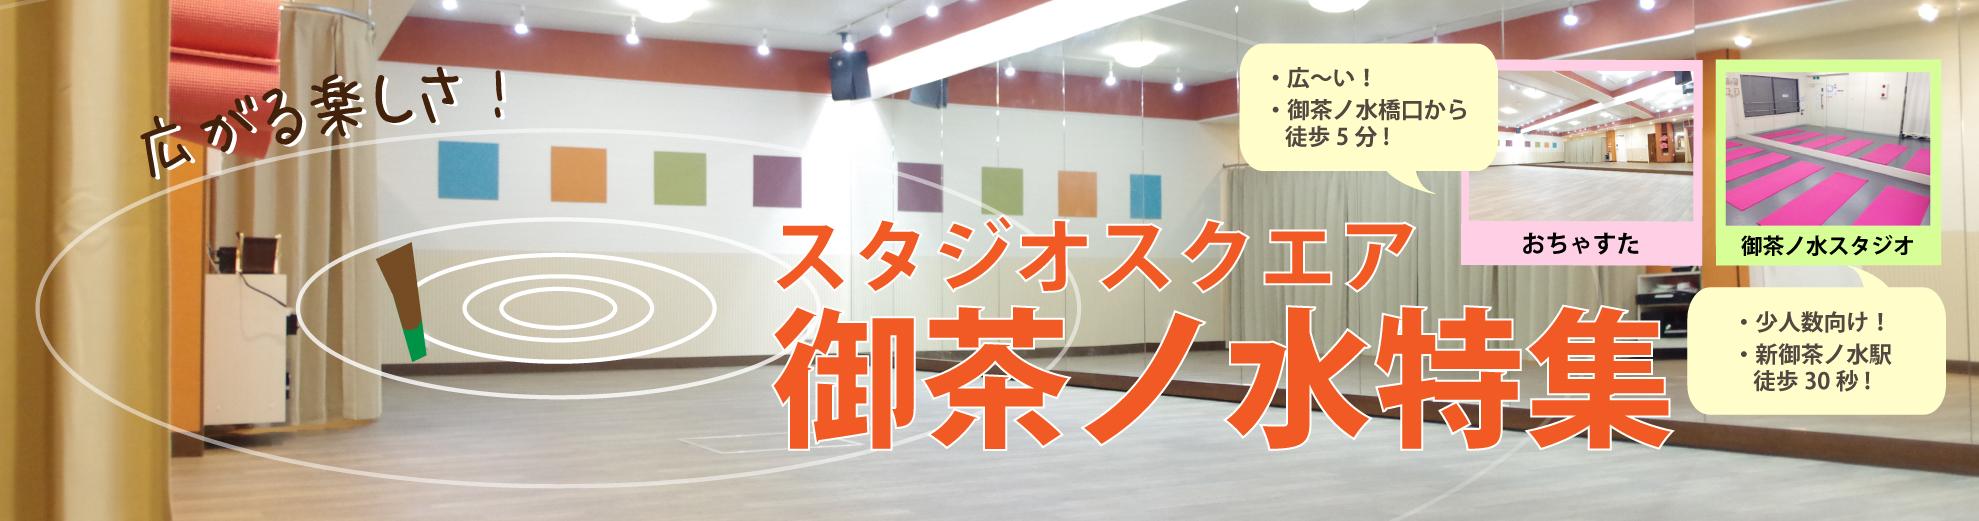 御茶ノ水エリアのレンタルスタジオ特集